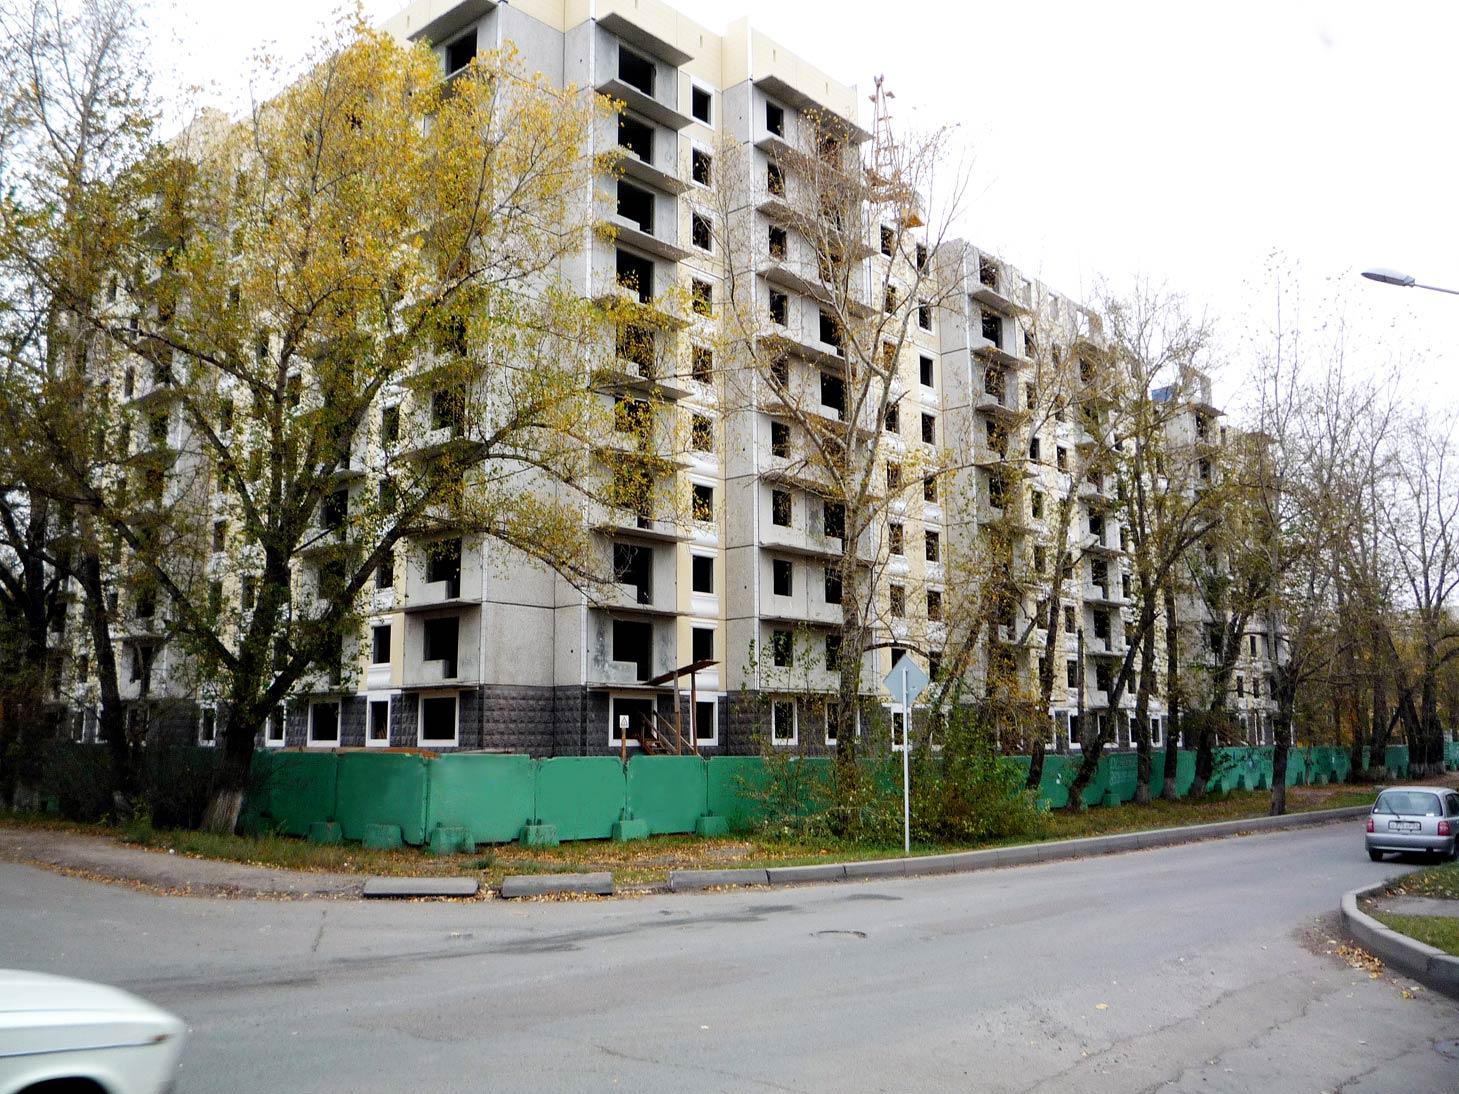 строительство панельного дома.Красноярск